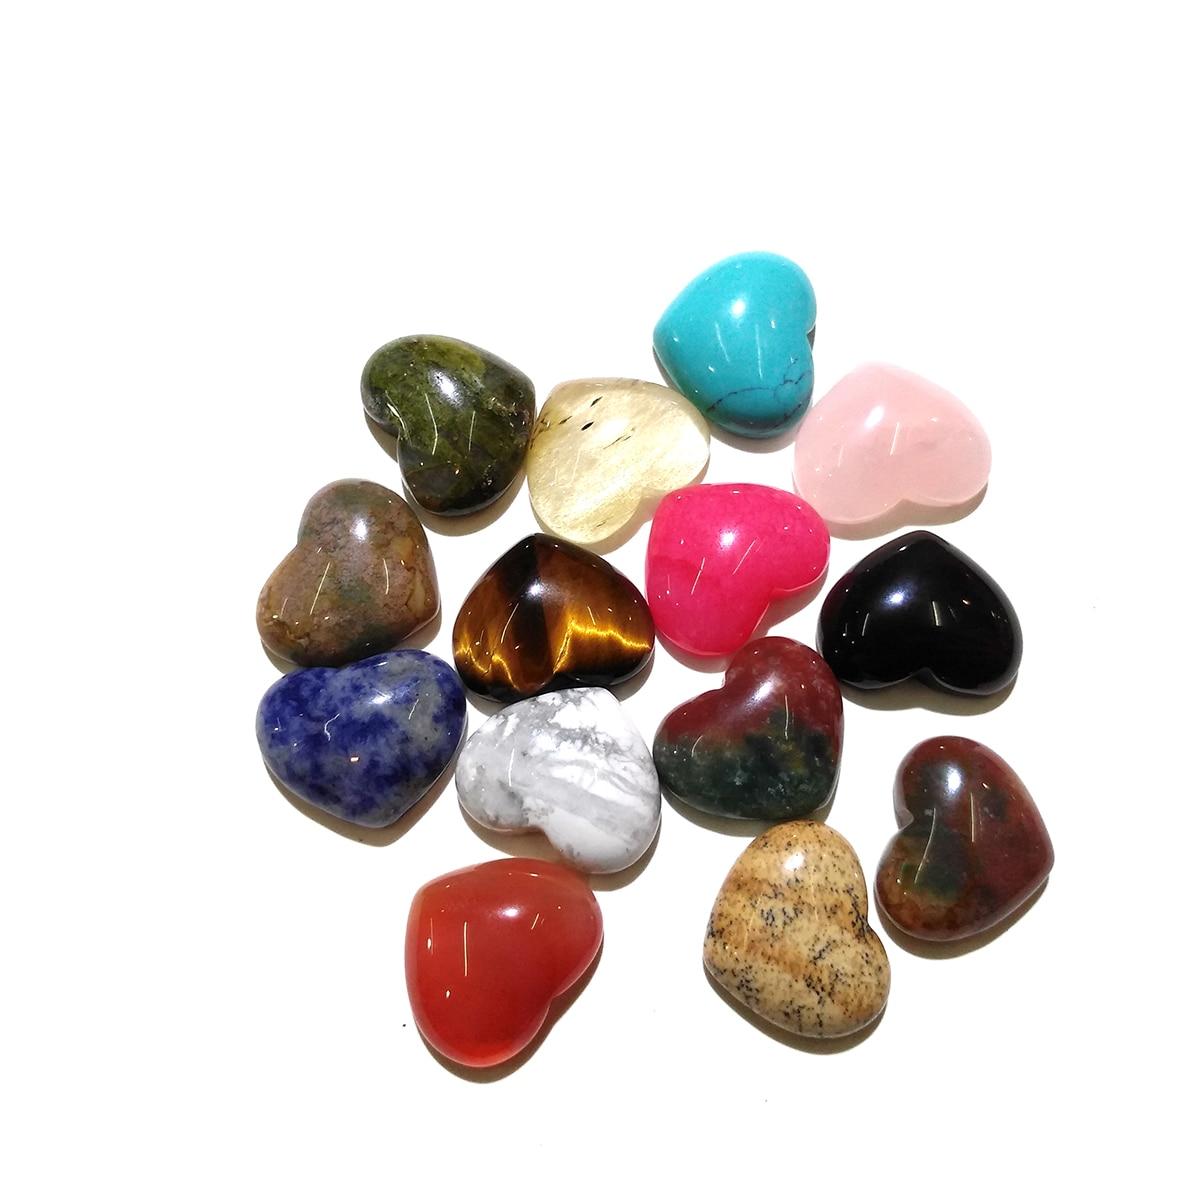 10x10 15x18 25x25mm forma do coração nenhum furo para fazer a jóia 10pcsrose pedra natural do olho do tigre de quartzo pedras misturadas cor cabochão